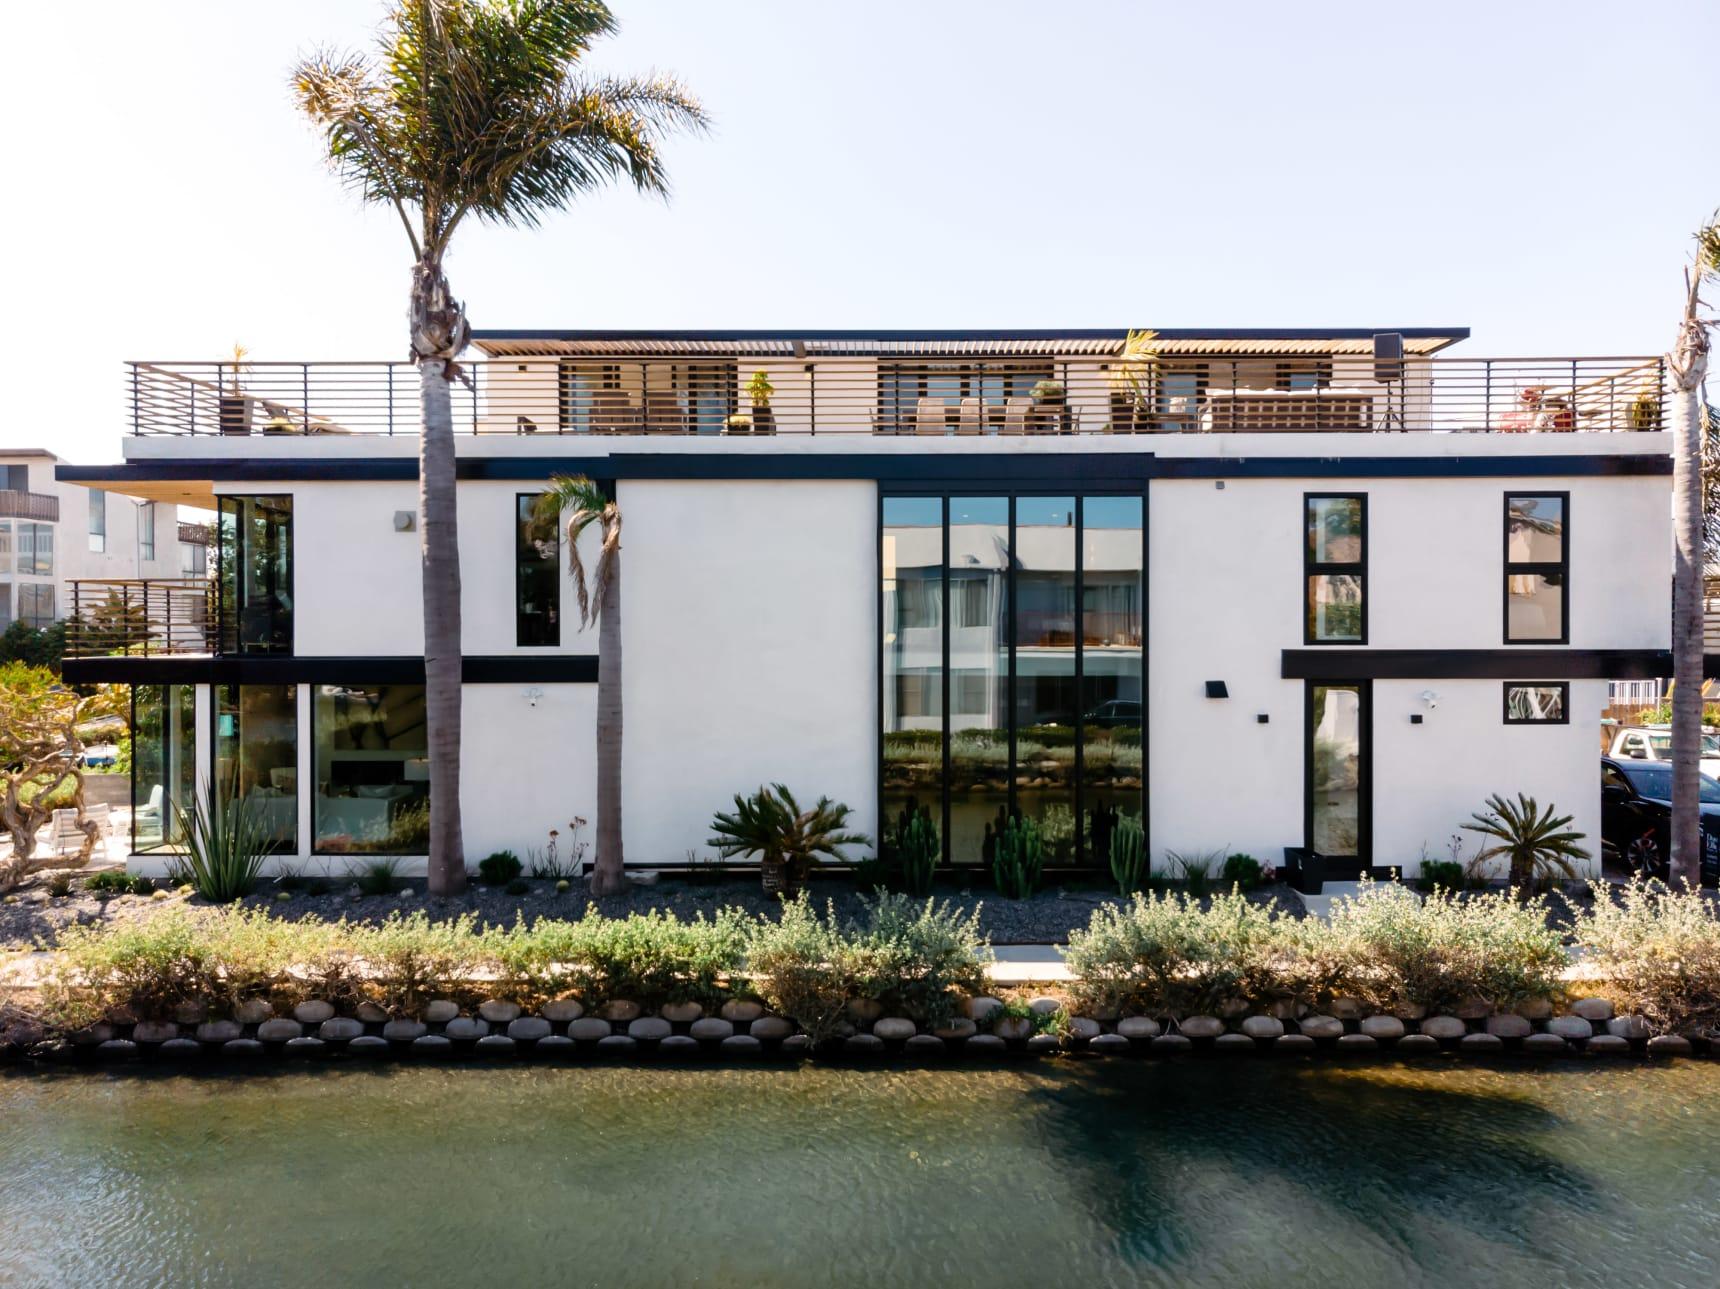 Ein Wohntraum inmitten der Kanäle von Venice Beach in Los Angeles 6